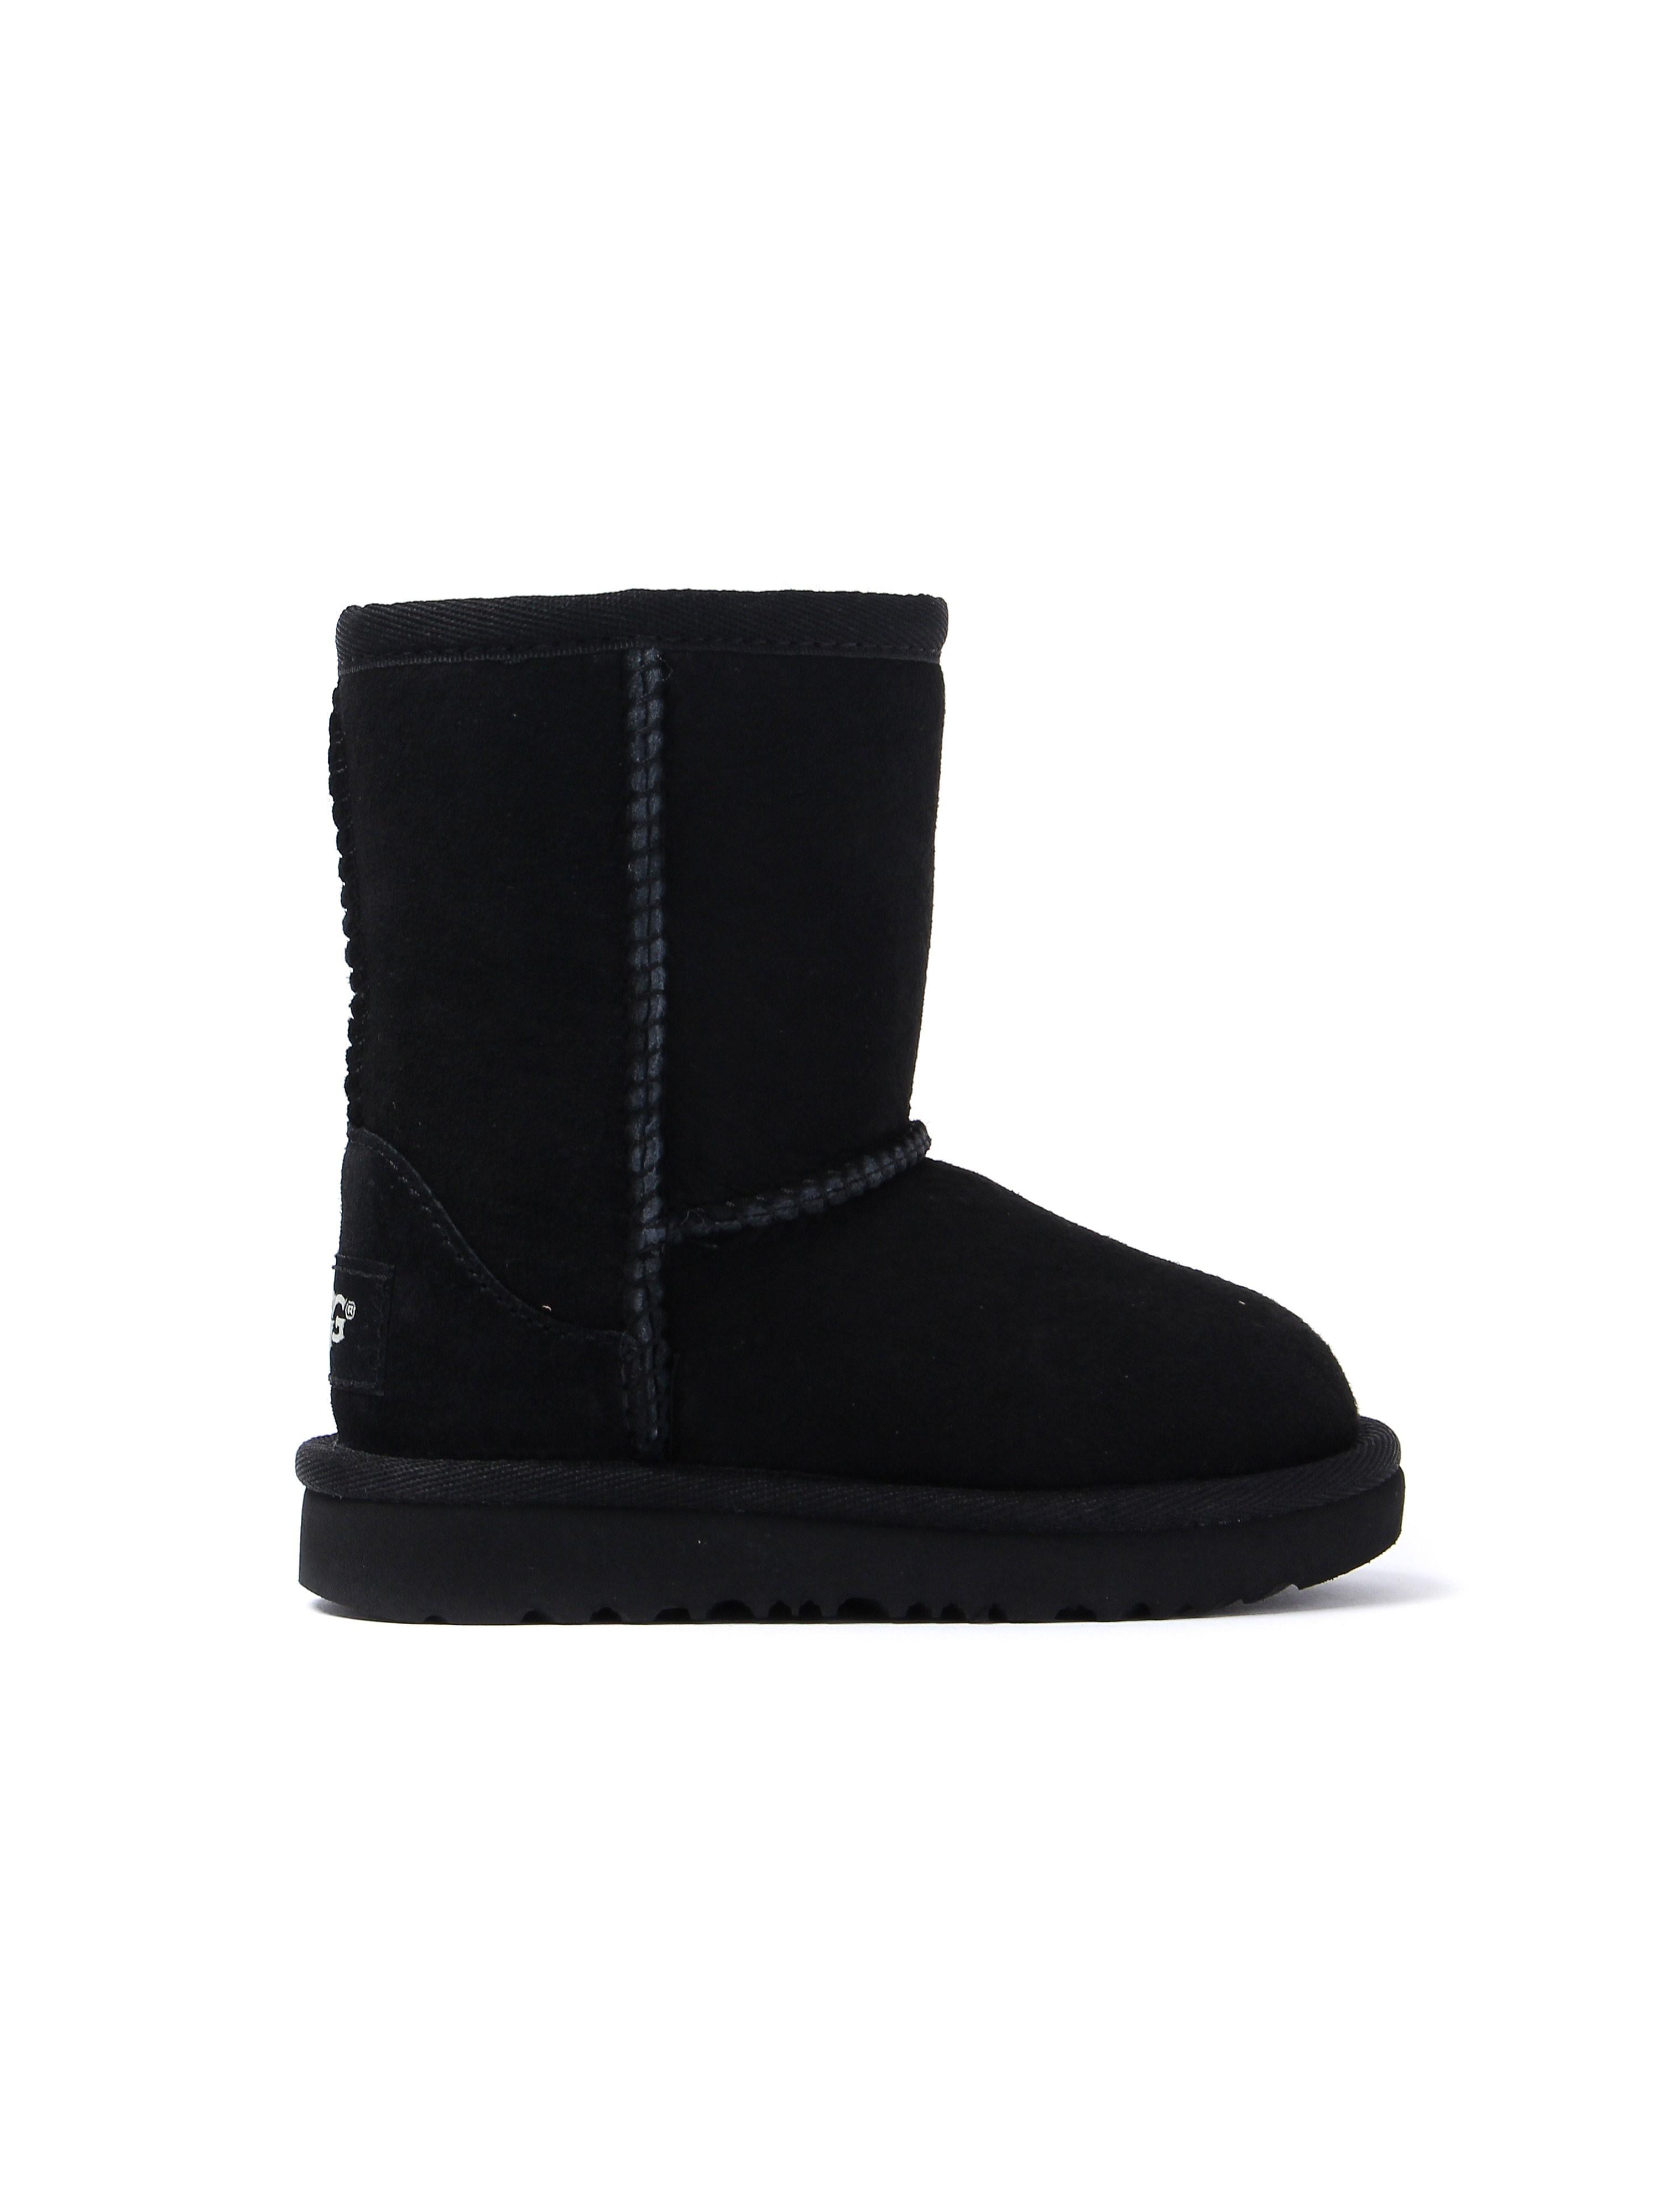 UGG Infant Classic II Short Sheepskin Boots - Black